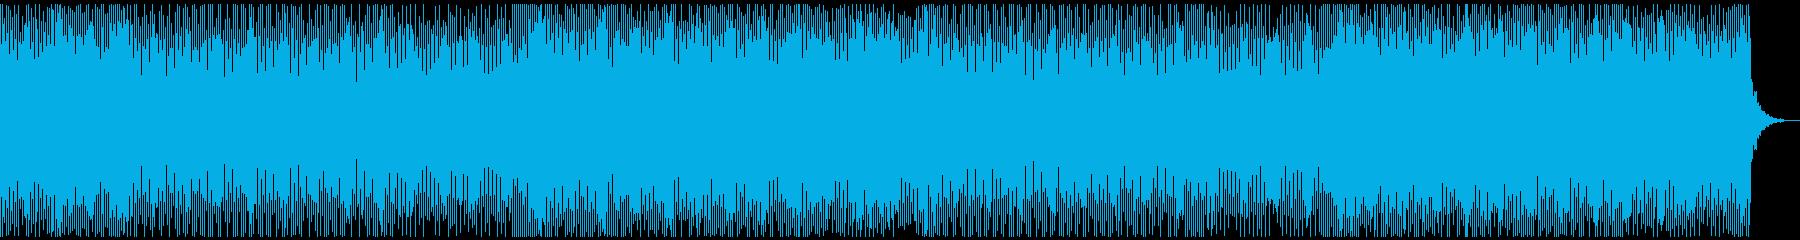 ライブでのSEなどに使えるポップなBGMの再生済みの波形